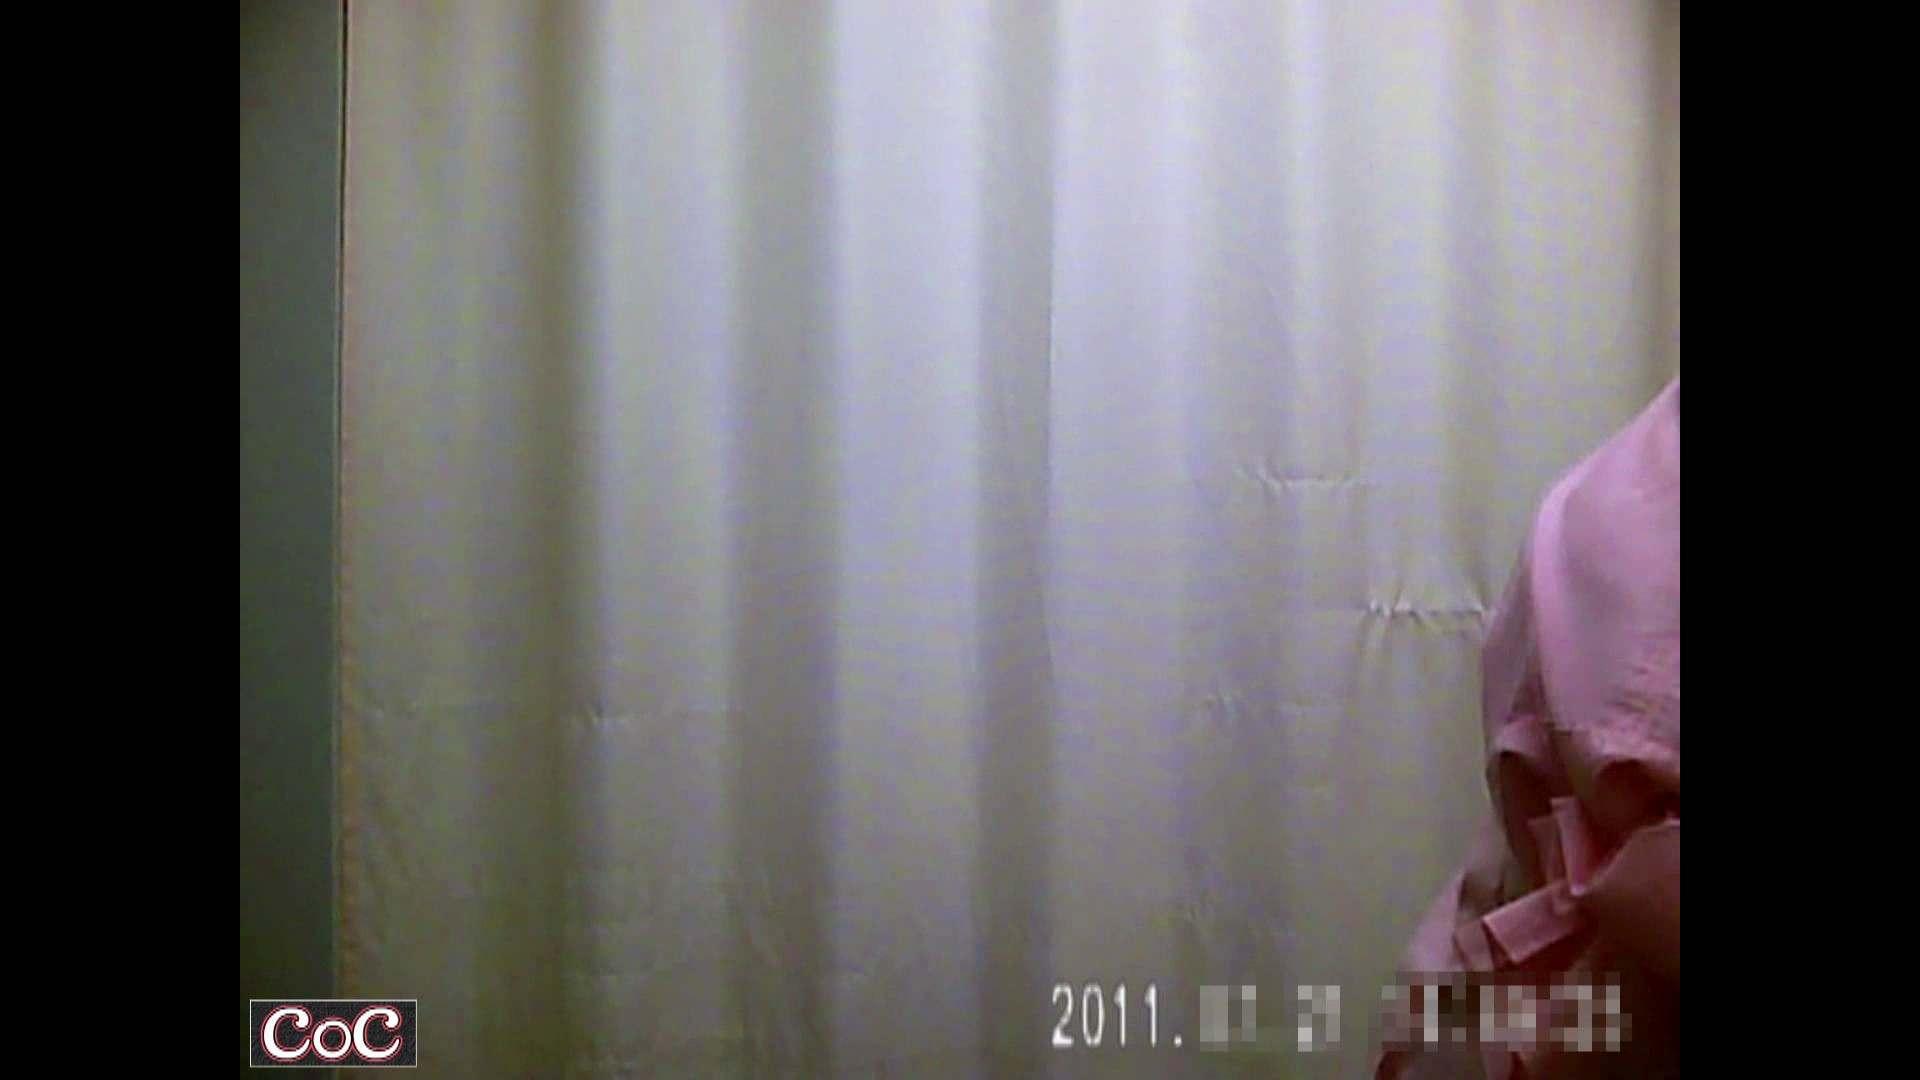 病院おもいっきり着替え! vol.04 巨乳 のぞき動画画像 113PICs 111